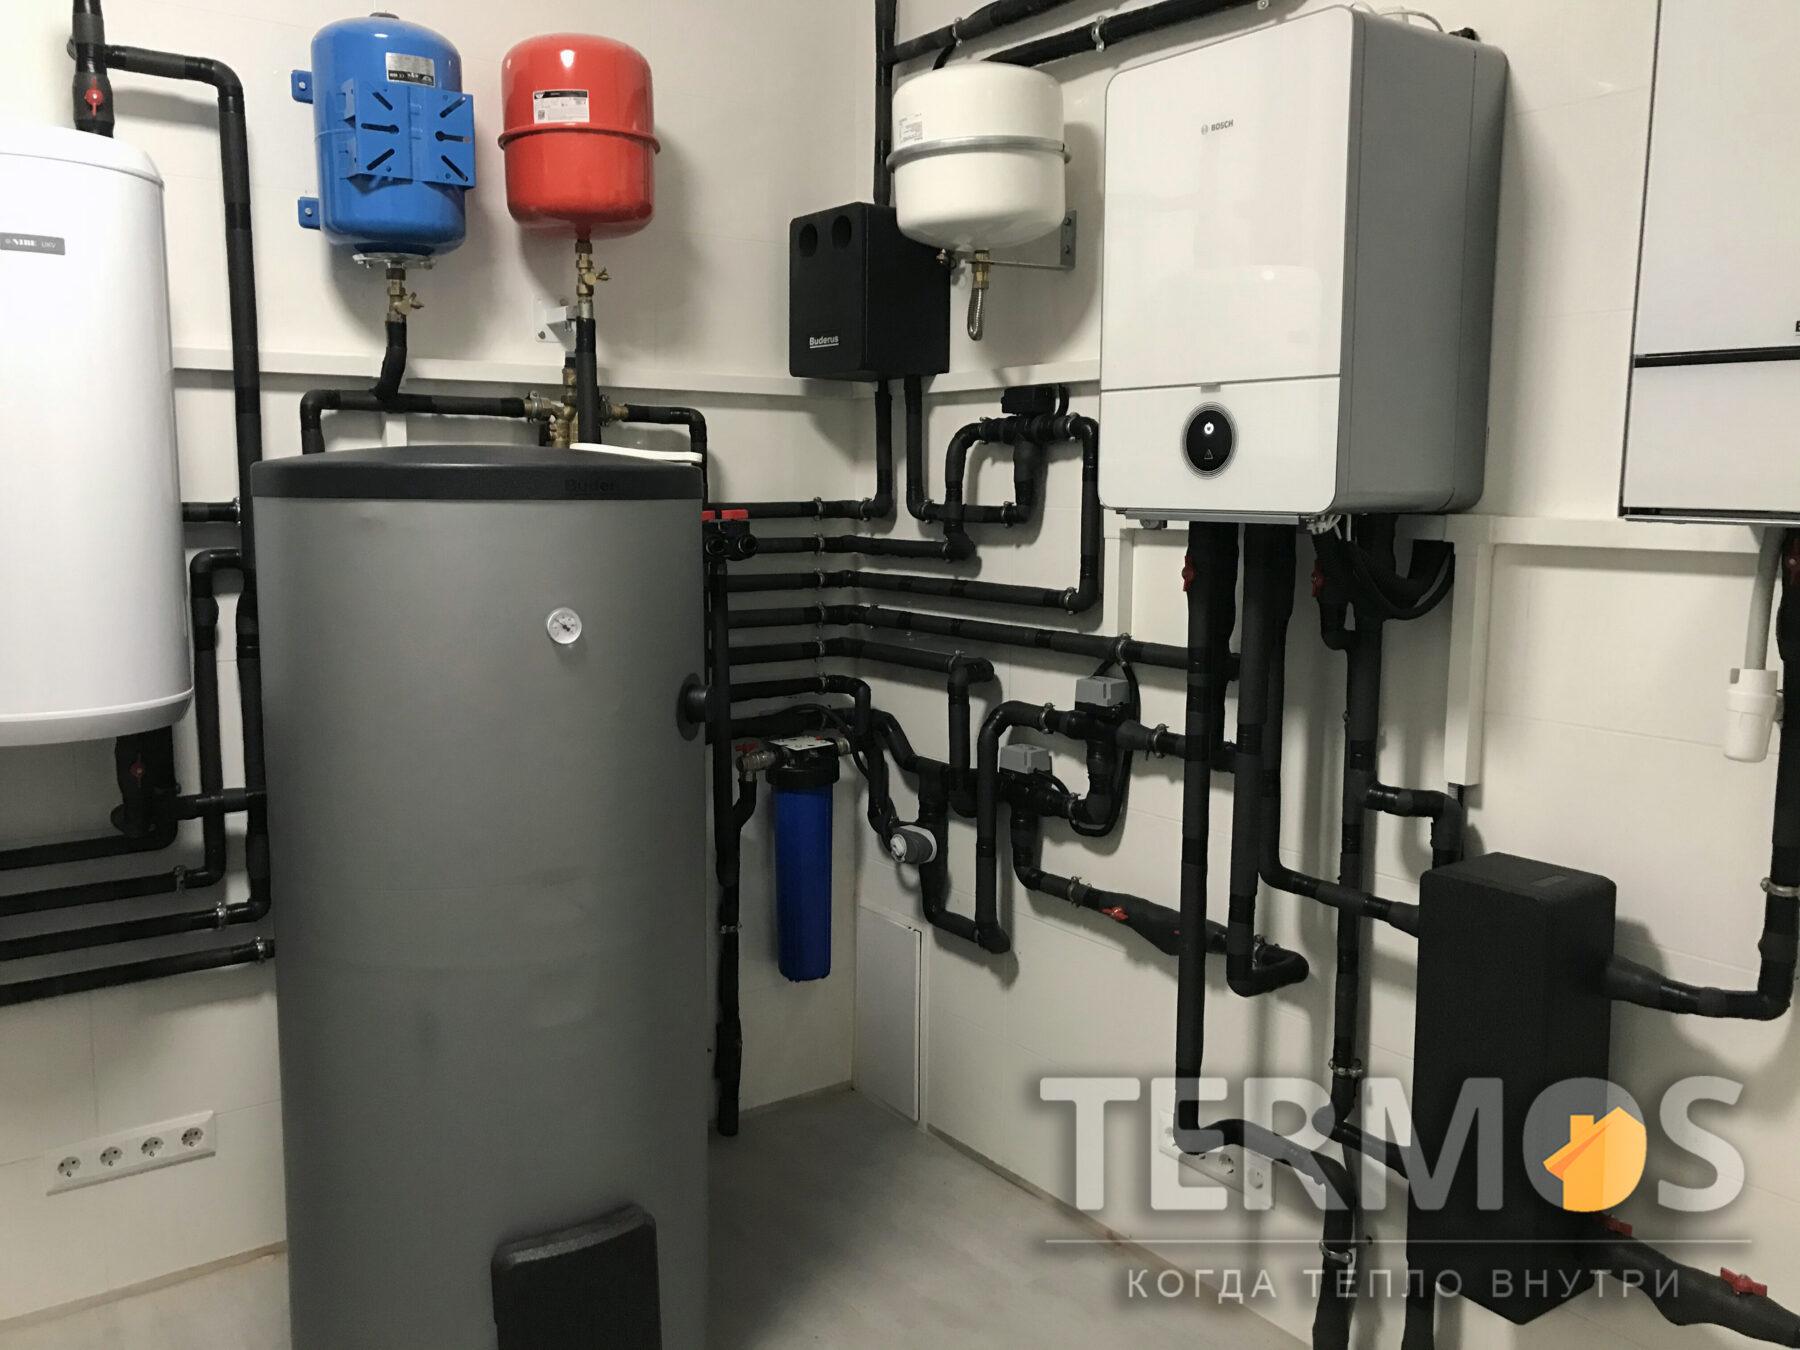 Золоче. Дом 320 кв м. Солнечные коллектора BUDERUS Германия Logasol SKN 4,0 - 4 шт обеспечивают поддержку приготовления горячей воды в 400 л бойлере